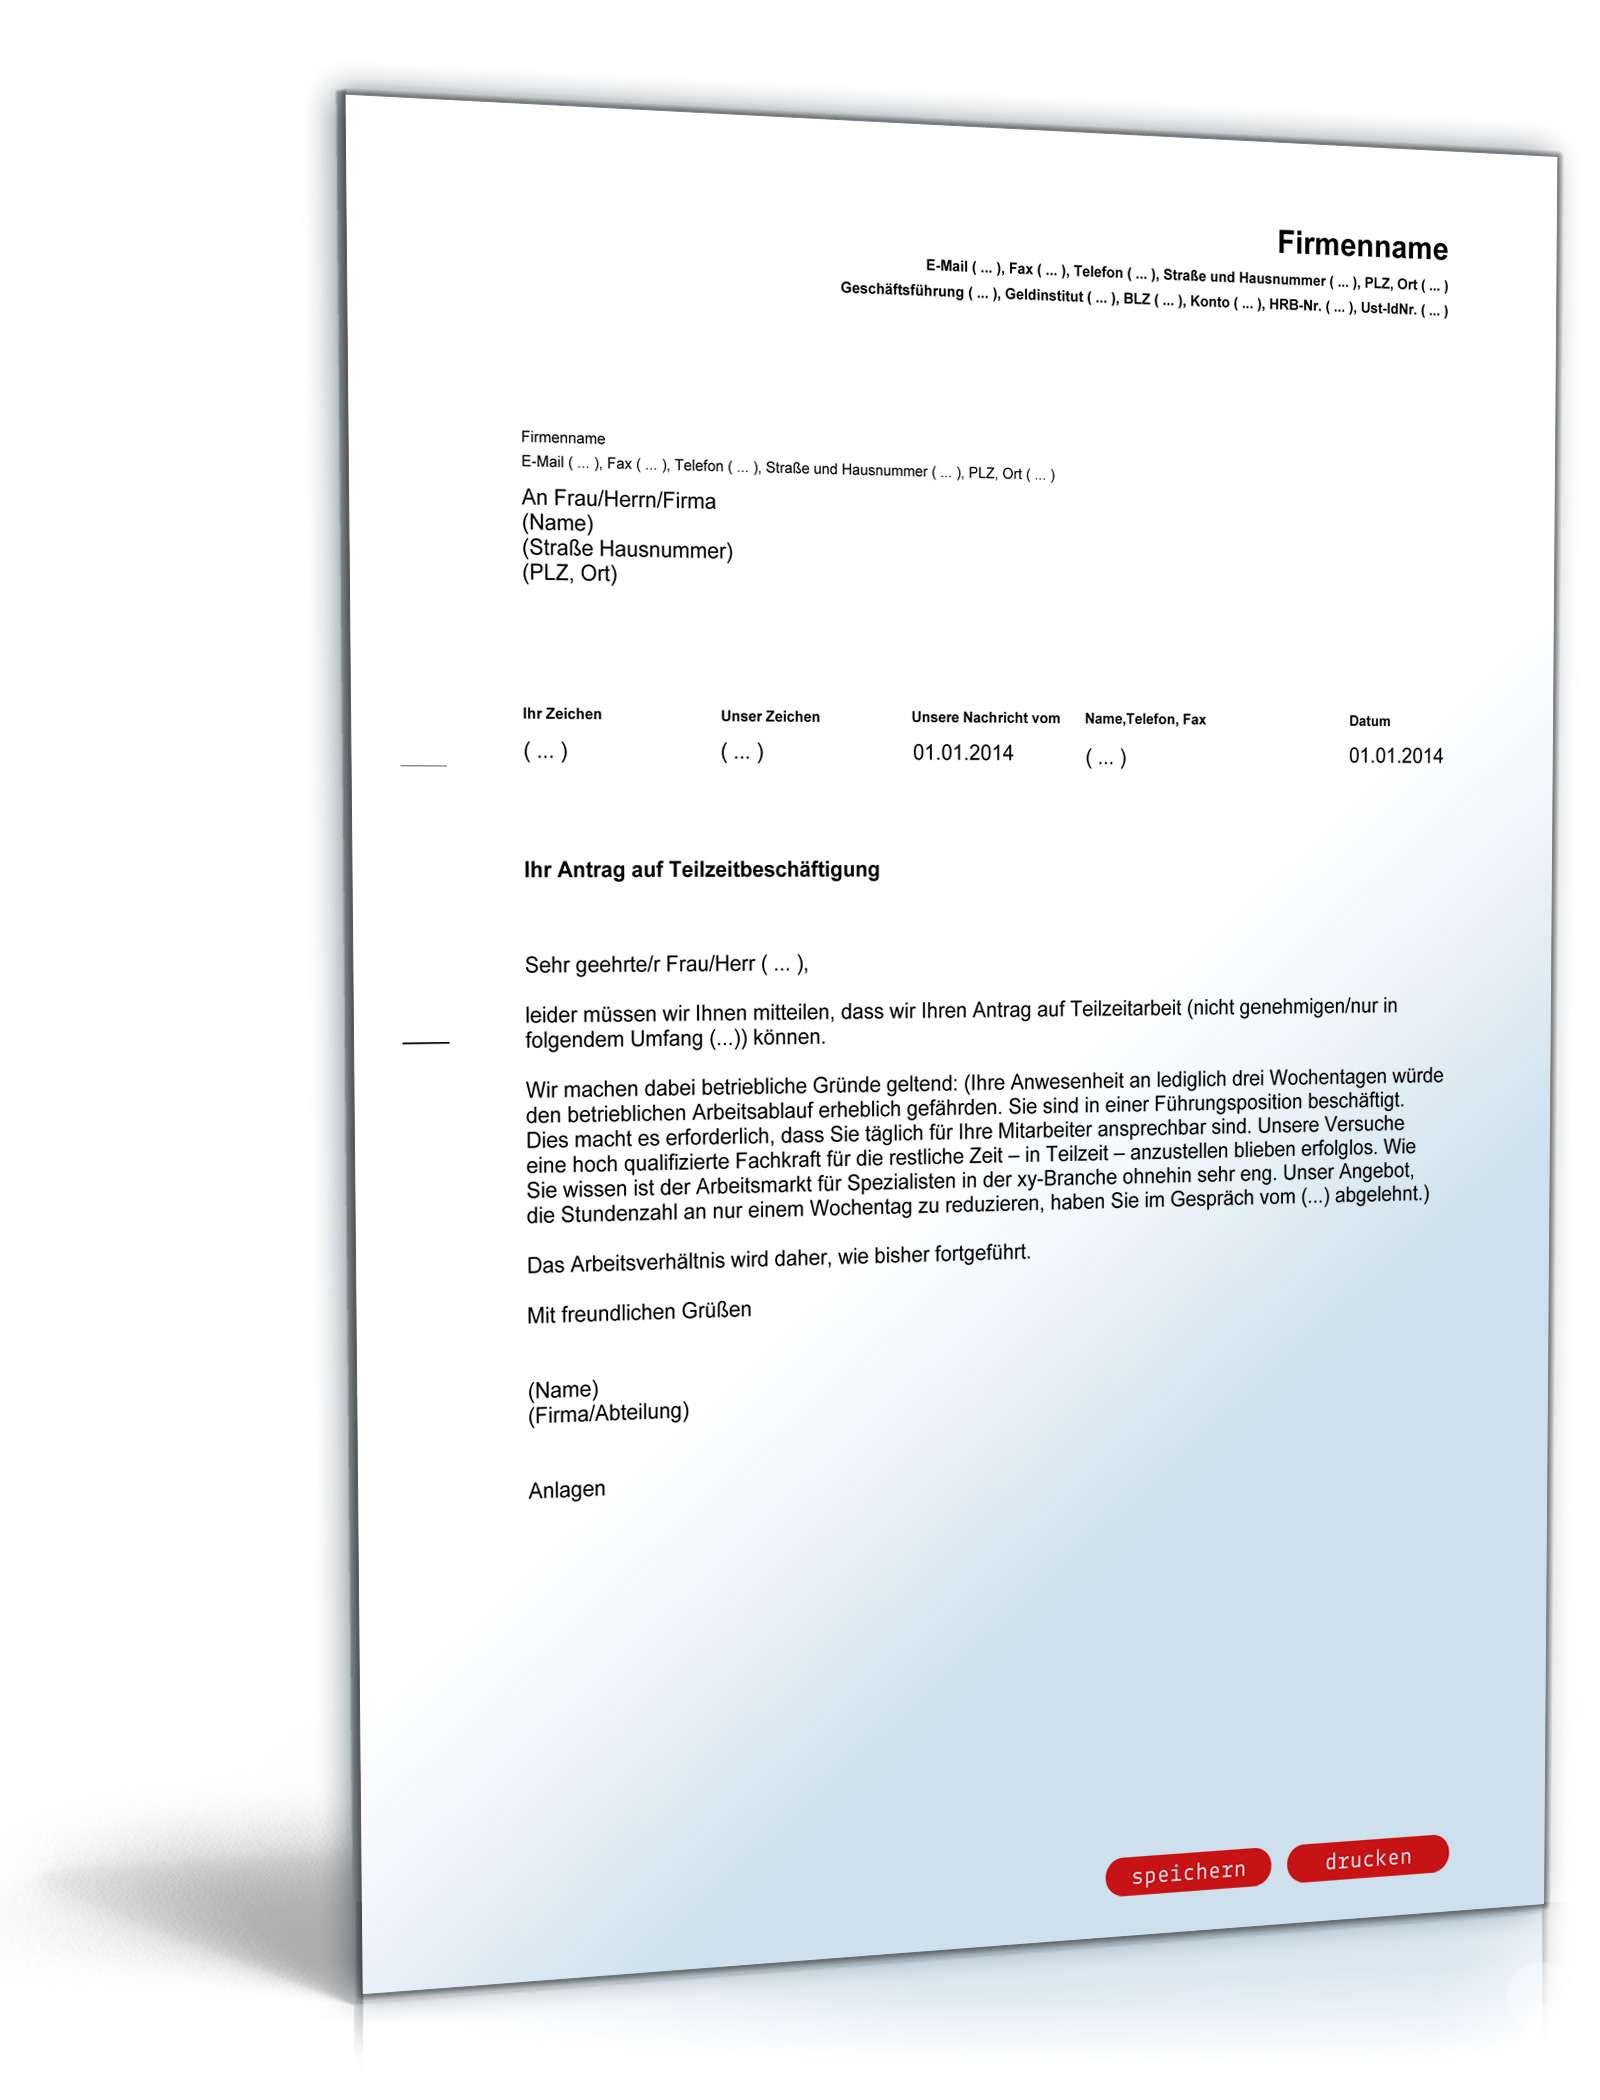 Ablehnung Antrag Teilzeitarbeit Vorlage Zum Download